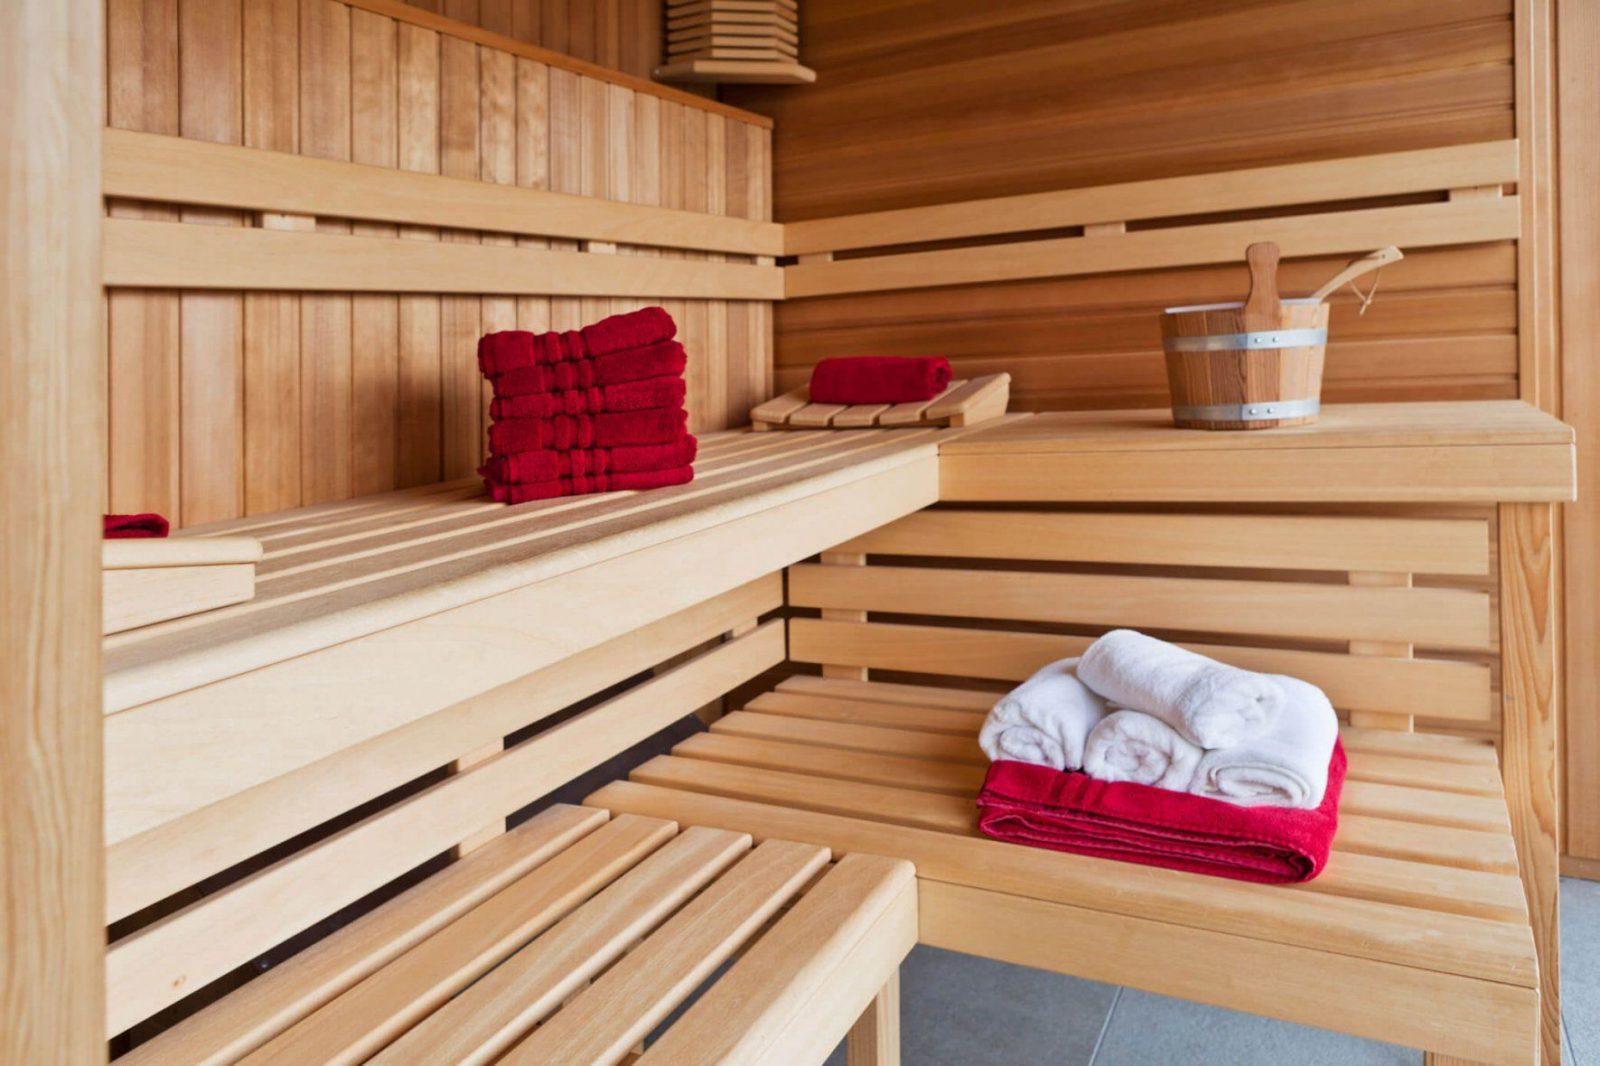 kleine sauna selber bauen hb33 hitoiro von sauna im keller selber bauen bild haus design ideen. Black Bedroom Furniture Sets. Home Design Ideas